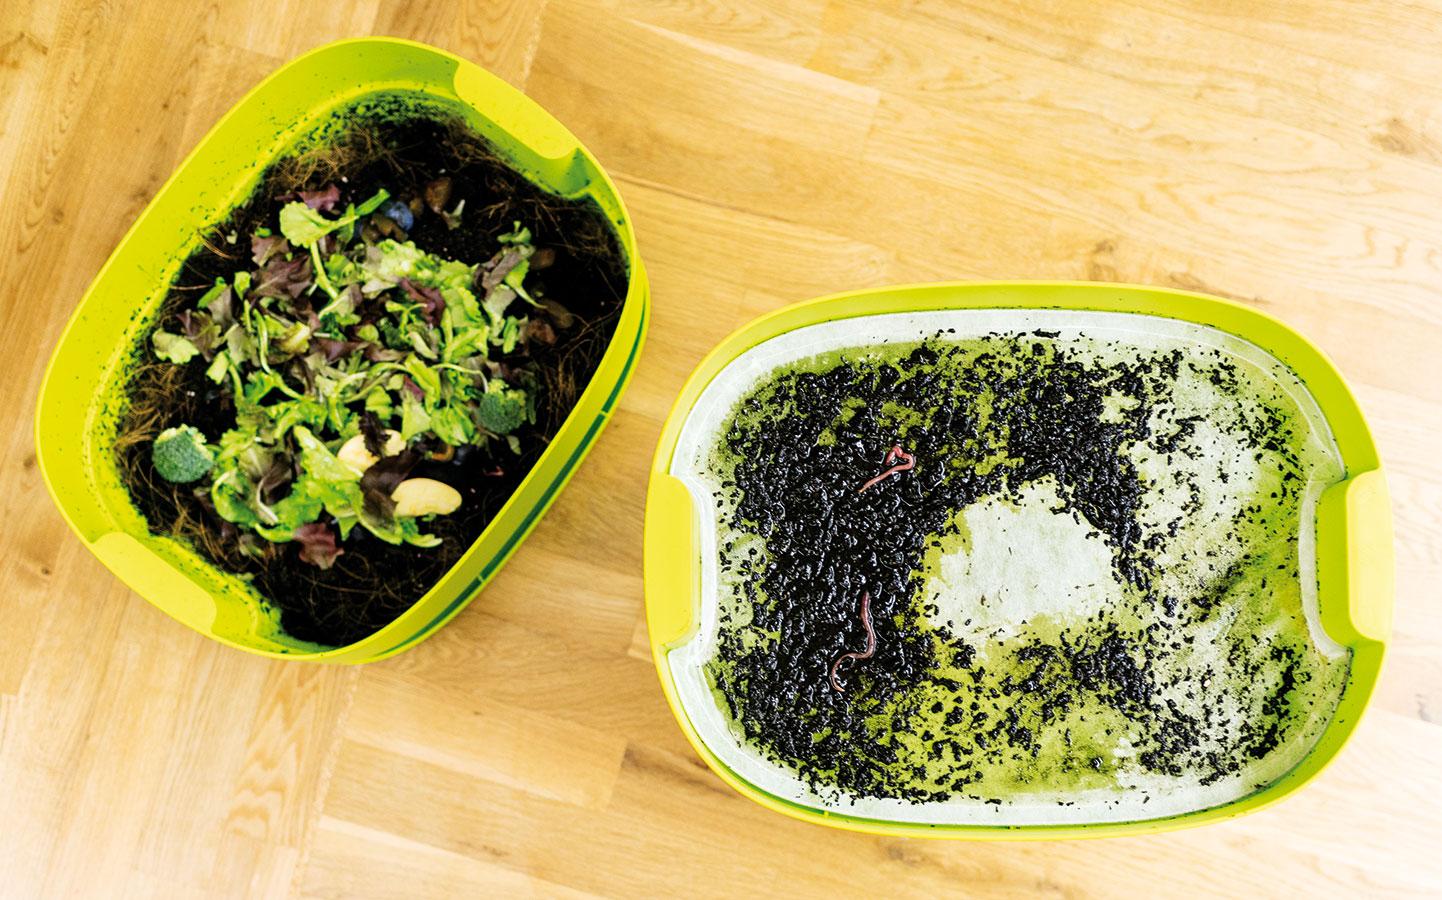 Největším problémem vermikompostování bývá špatná podestýlka. Přibývající zbytky jídla obsahují vodu − mohou zpomalit kompostovací proces asnížit množství žížal ve vermikompostéru. Nutné je tedy lůžko udržovat přiměřeně vlhké aprovzdušněné.